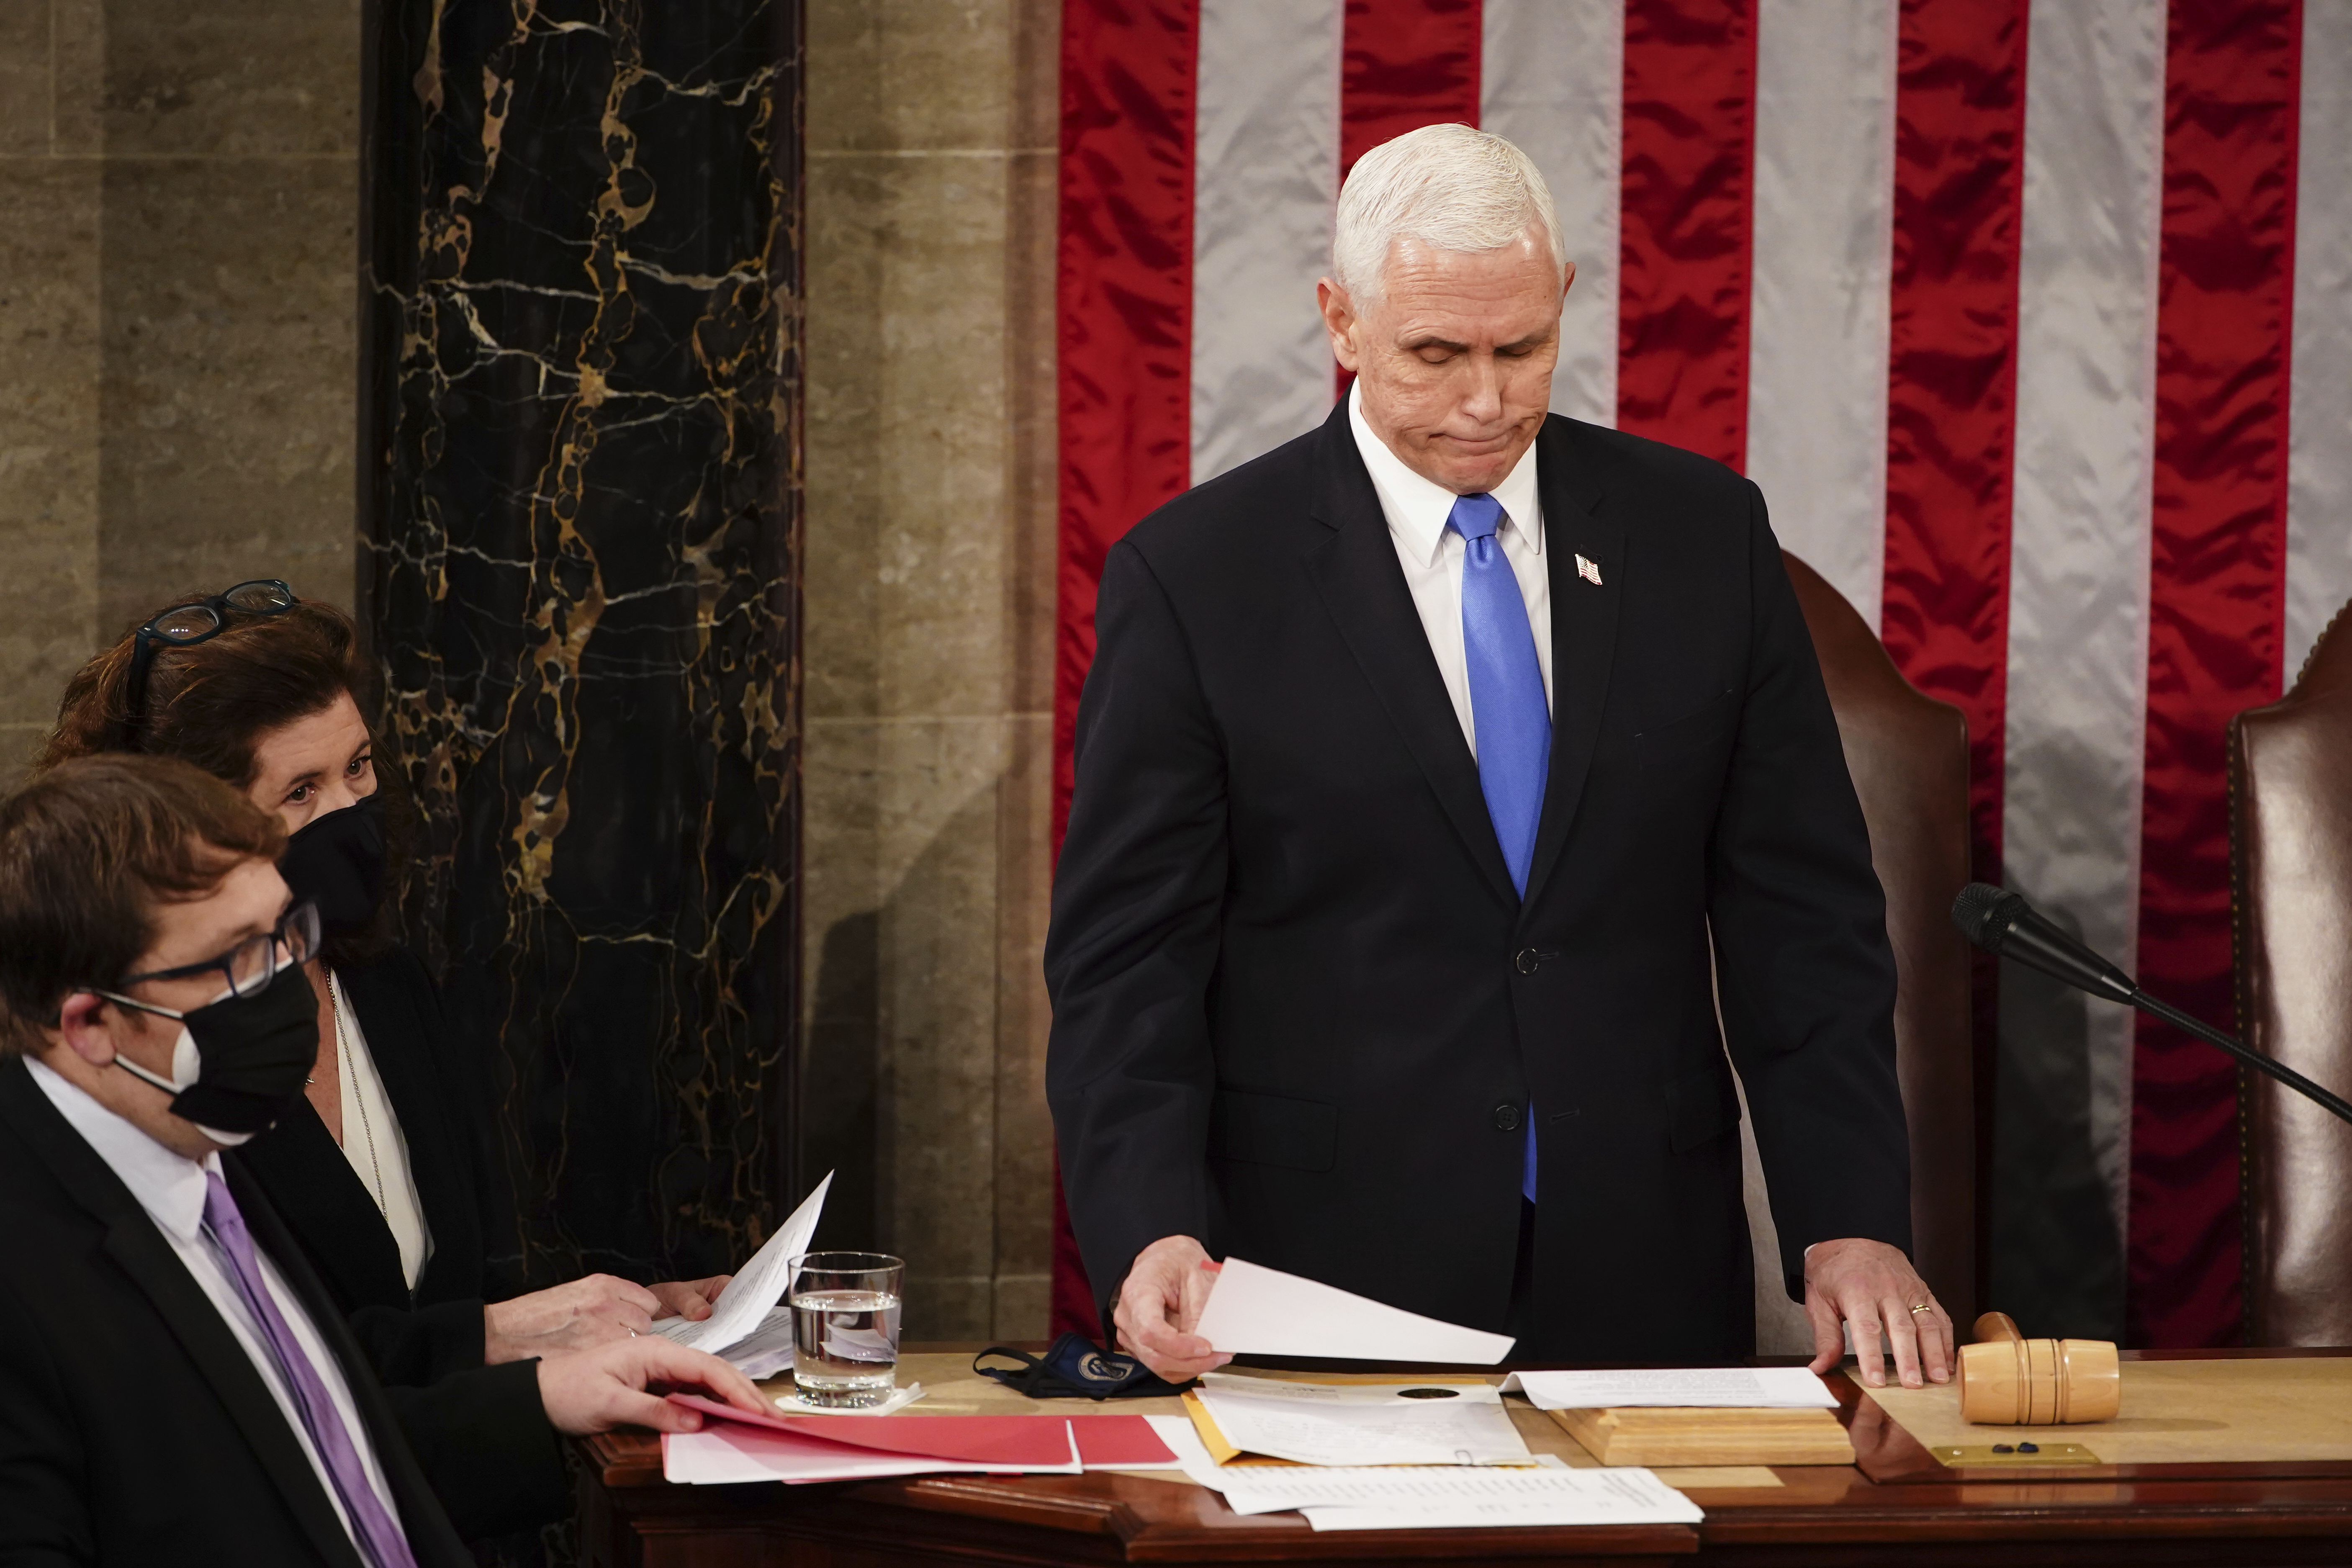 Mike Pence a fost supus unei intervenţii pentru implantarea unui stimulator cardiac